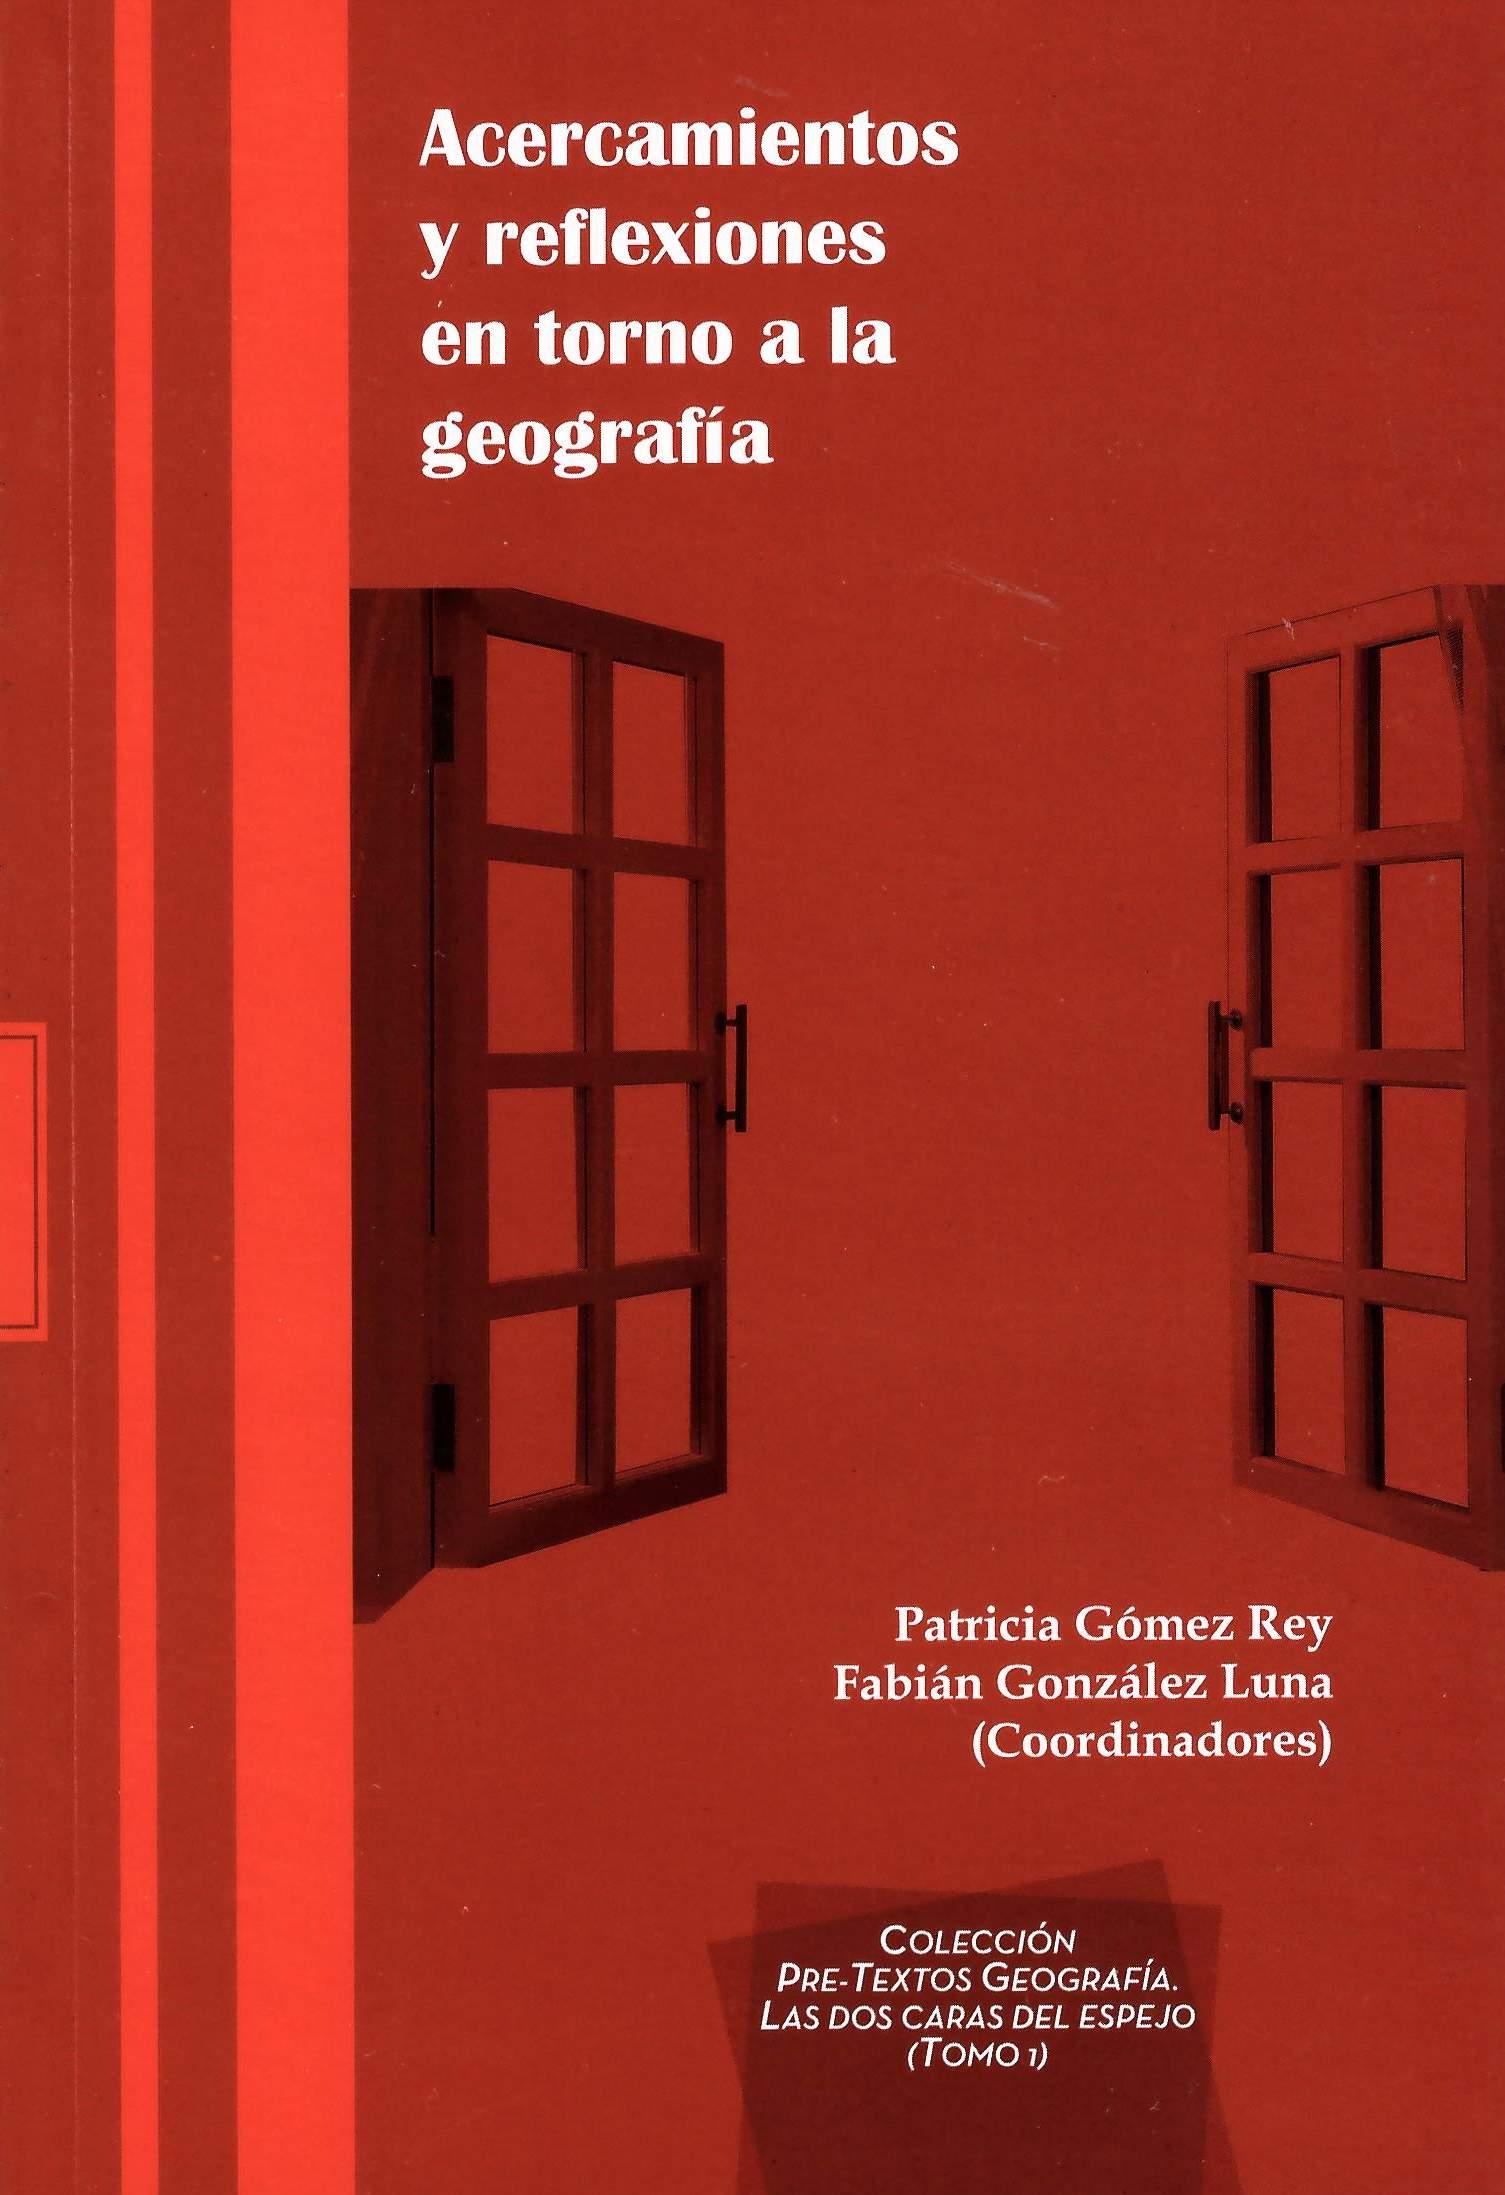 Acercamientos y reflexiones en torno a la geografía